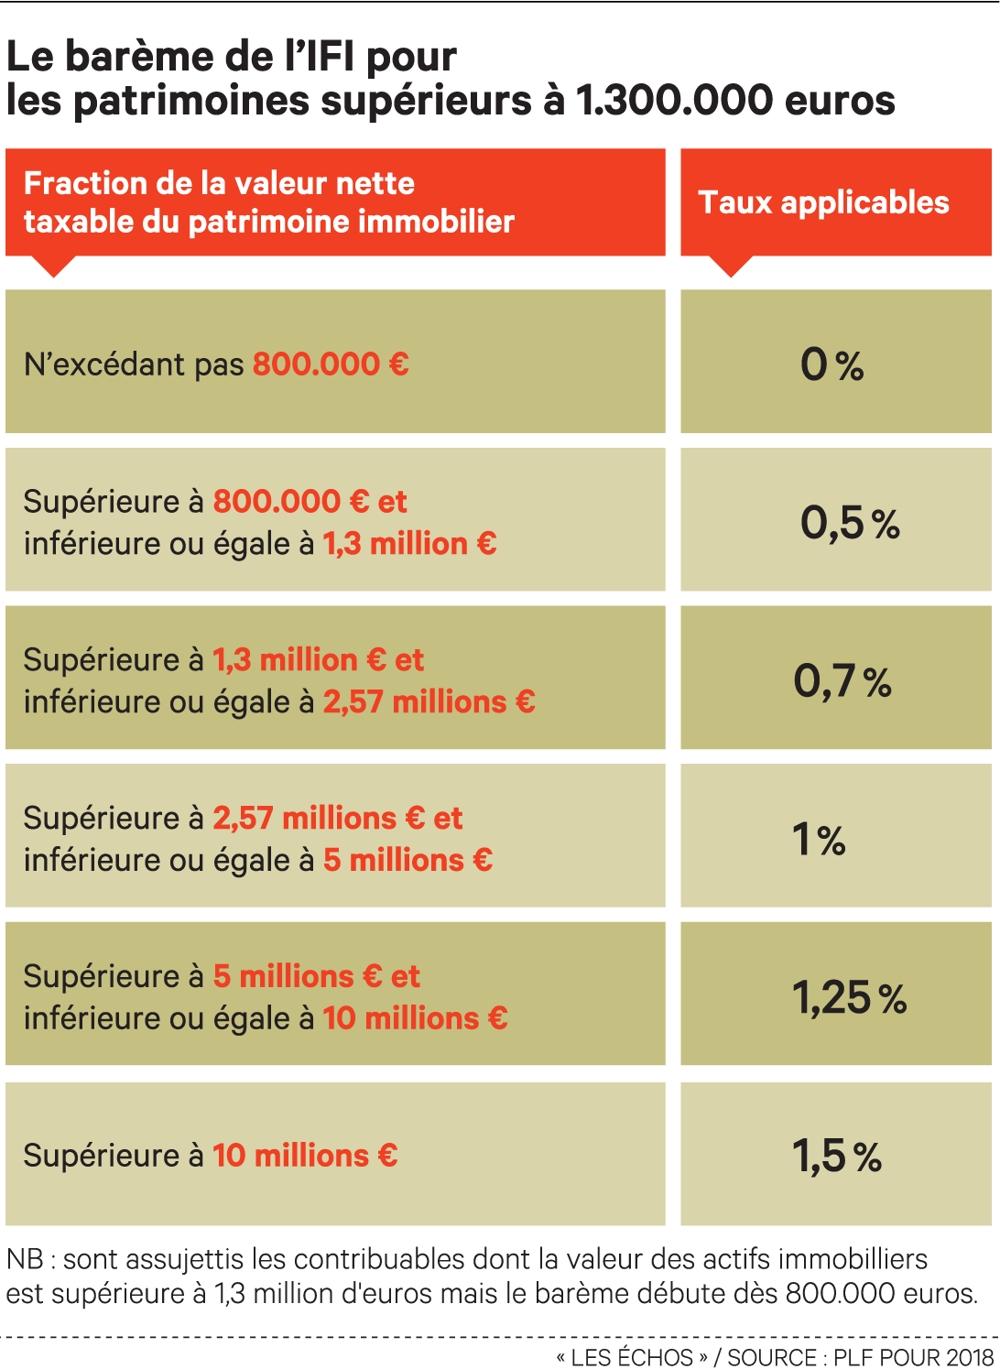 Ce qu'il faut savoir sur l'impôt sur la fortune immobilière